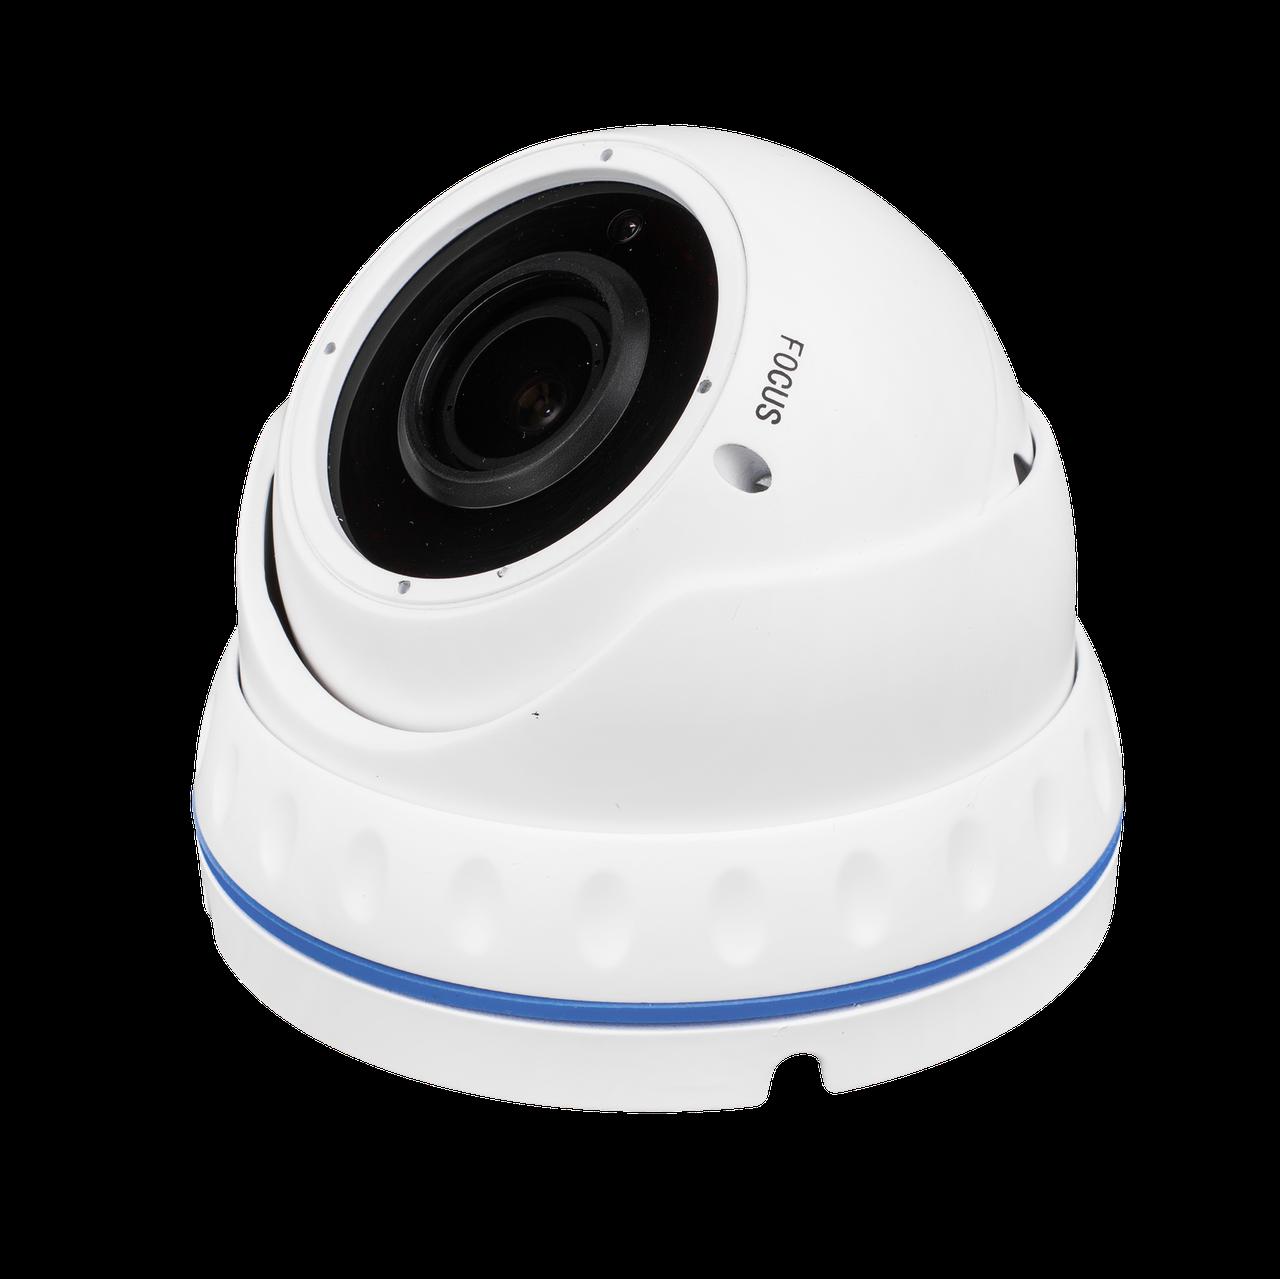 Гибридная Антивандальная наружная камера GreenVision GV-085-GHD-H-DOF40V-30